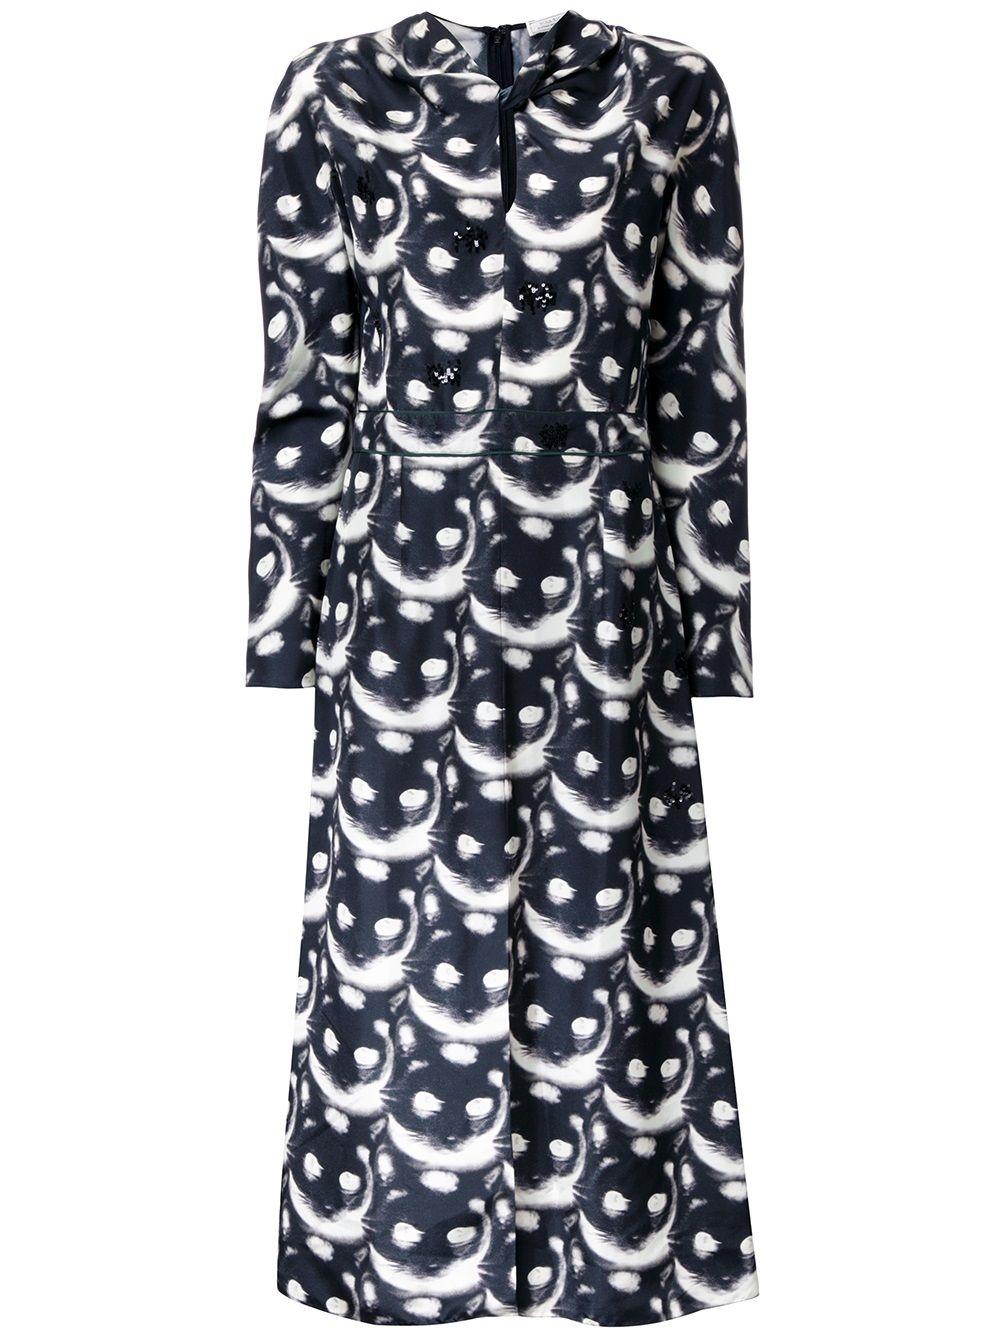 NINA RICCI | платье с принтом 'cat' | Clouty